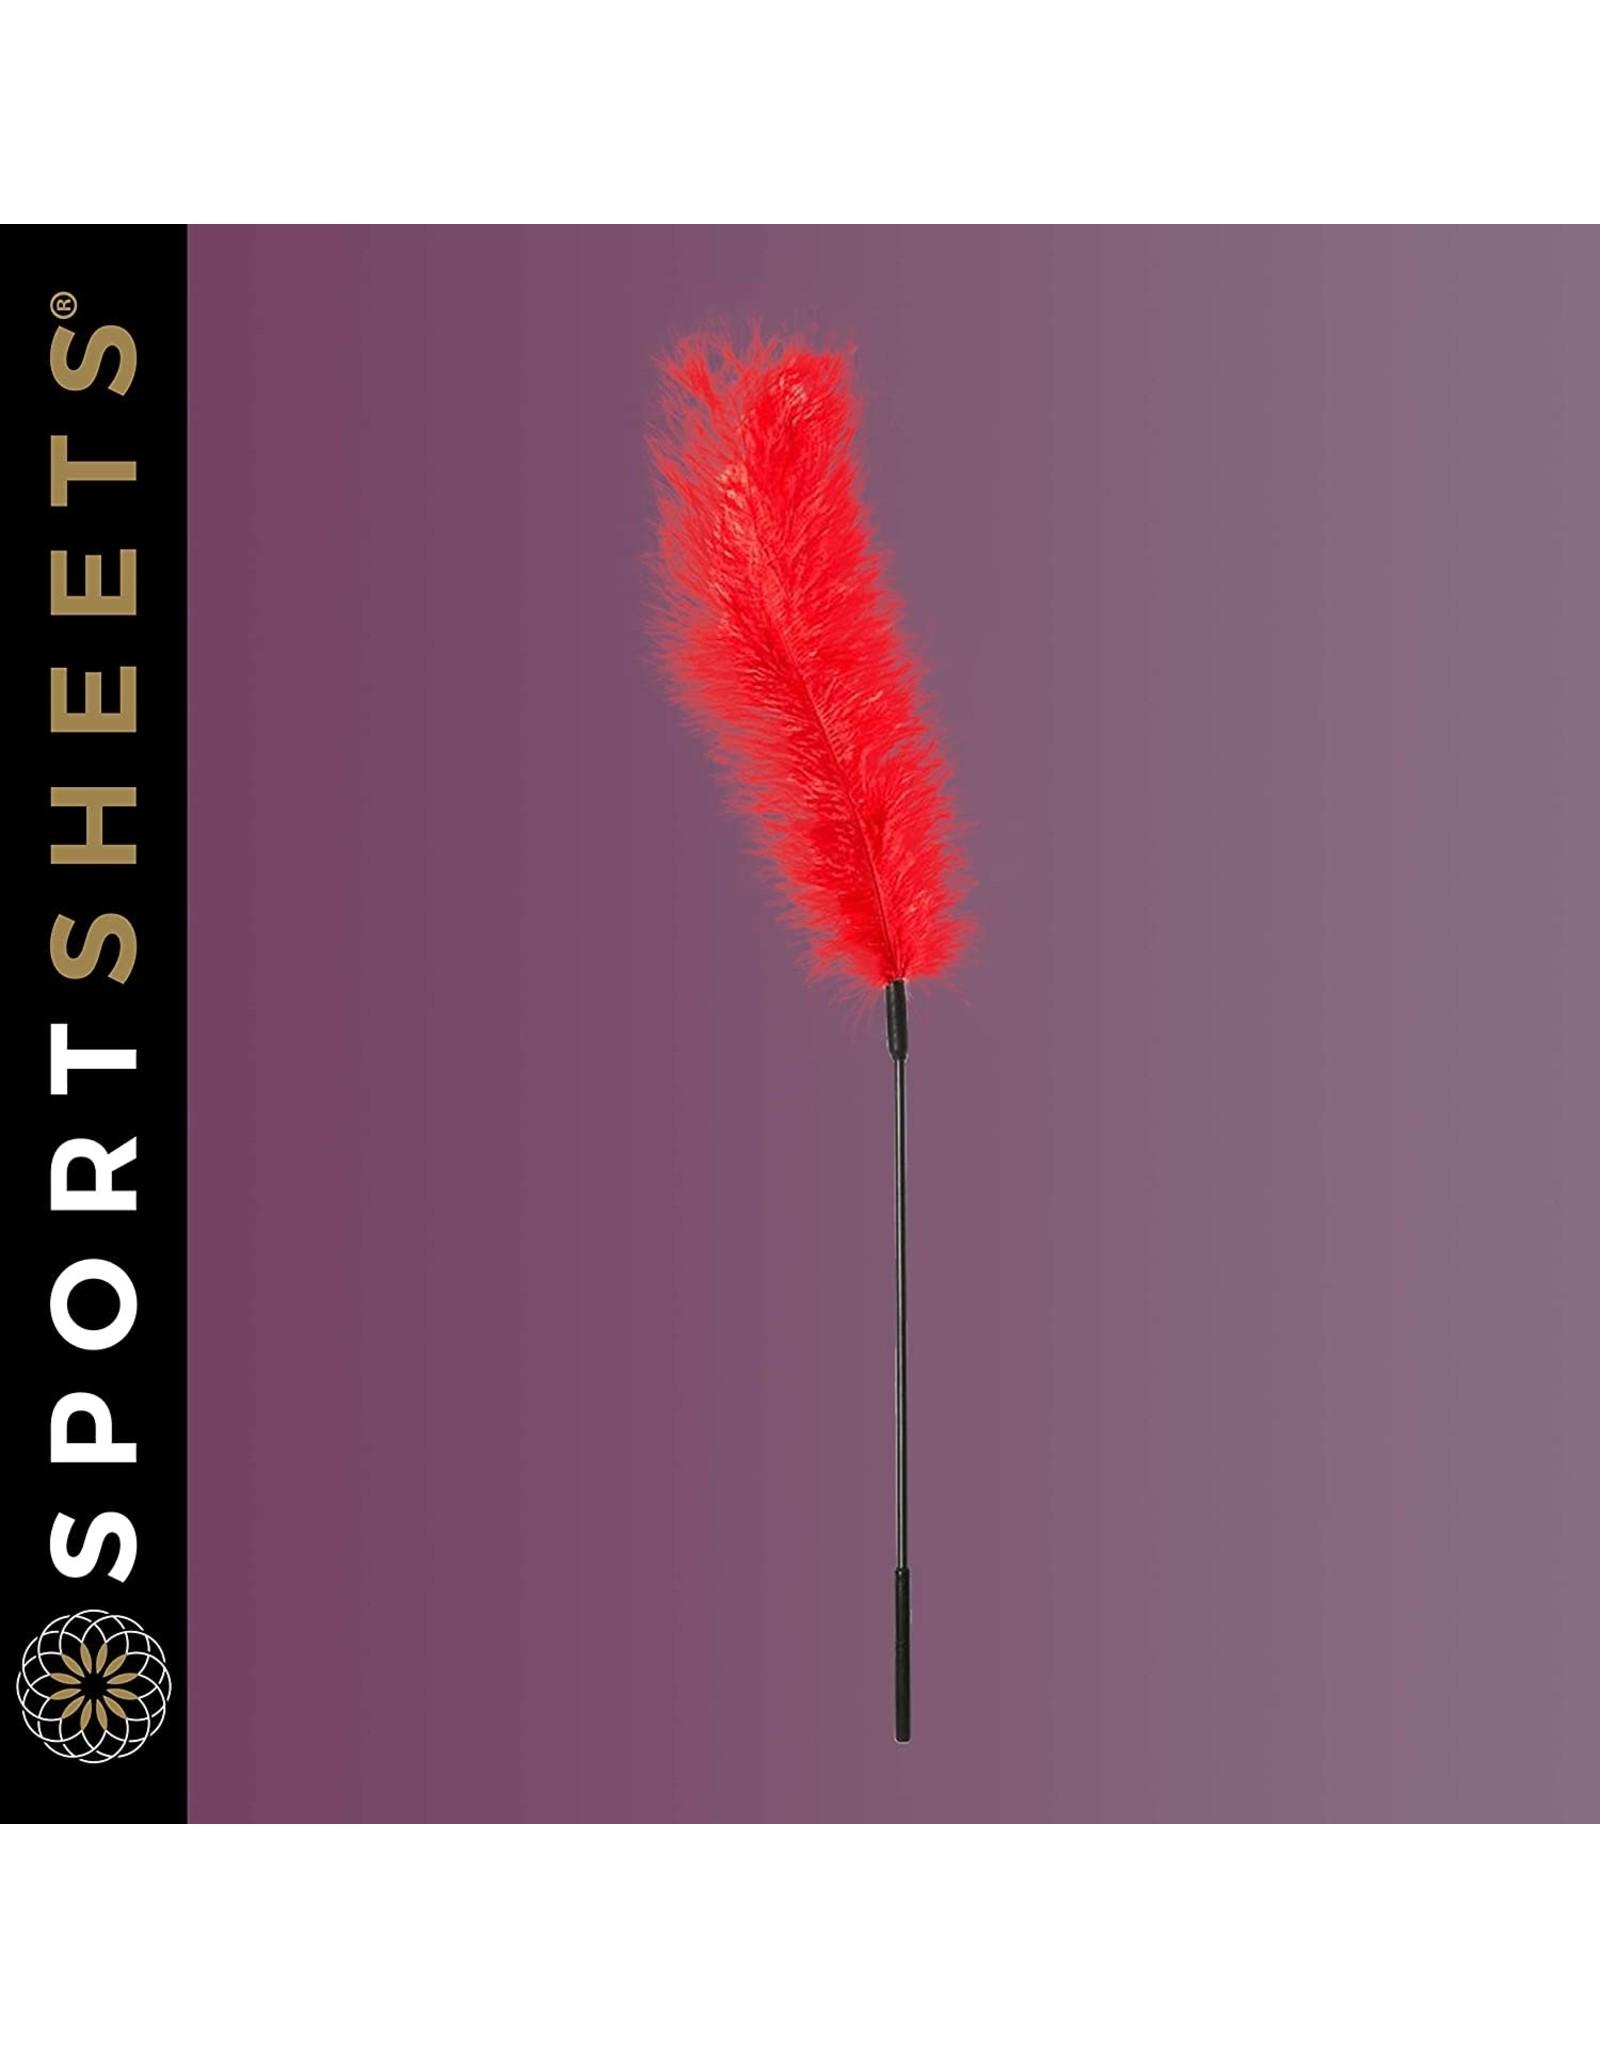 SPORTSHEETS - OSTRICH FEATHER TICKLER - RED